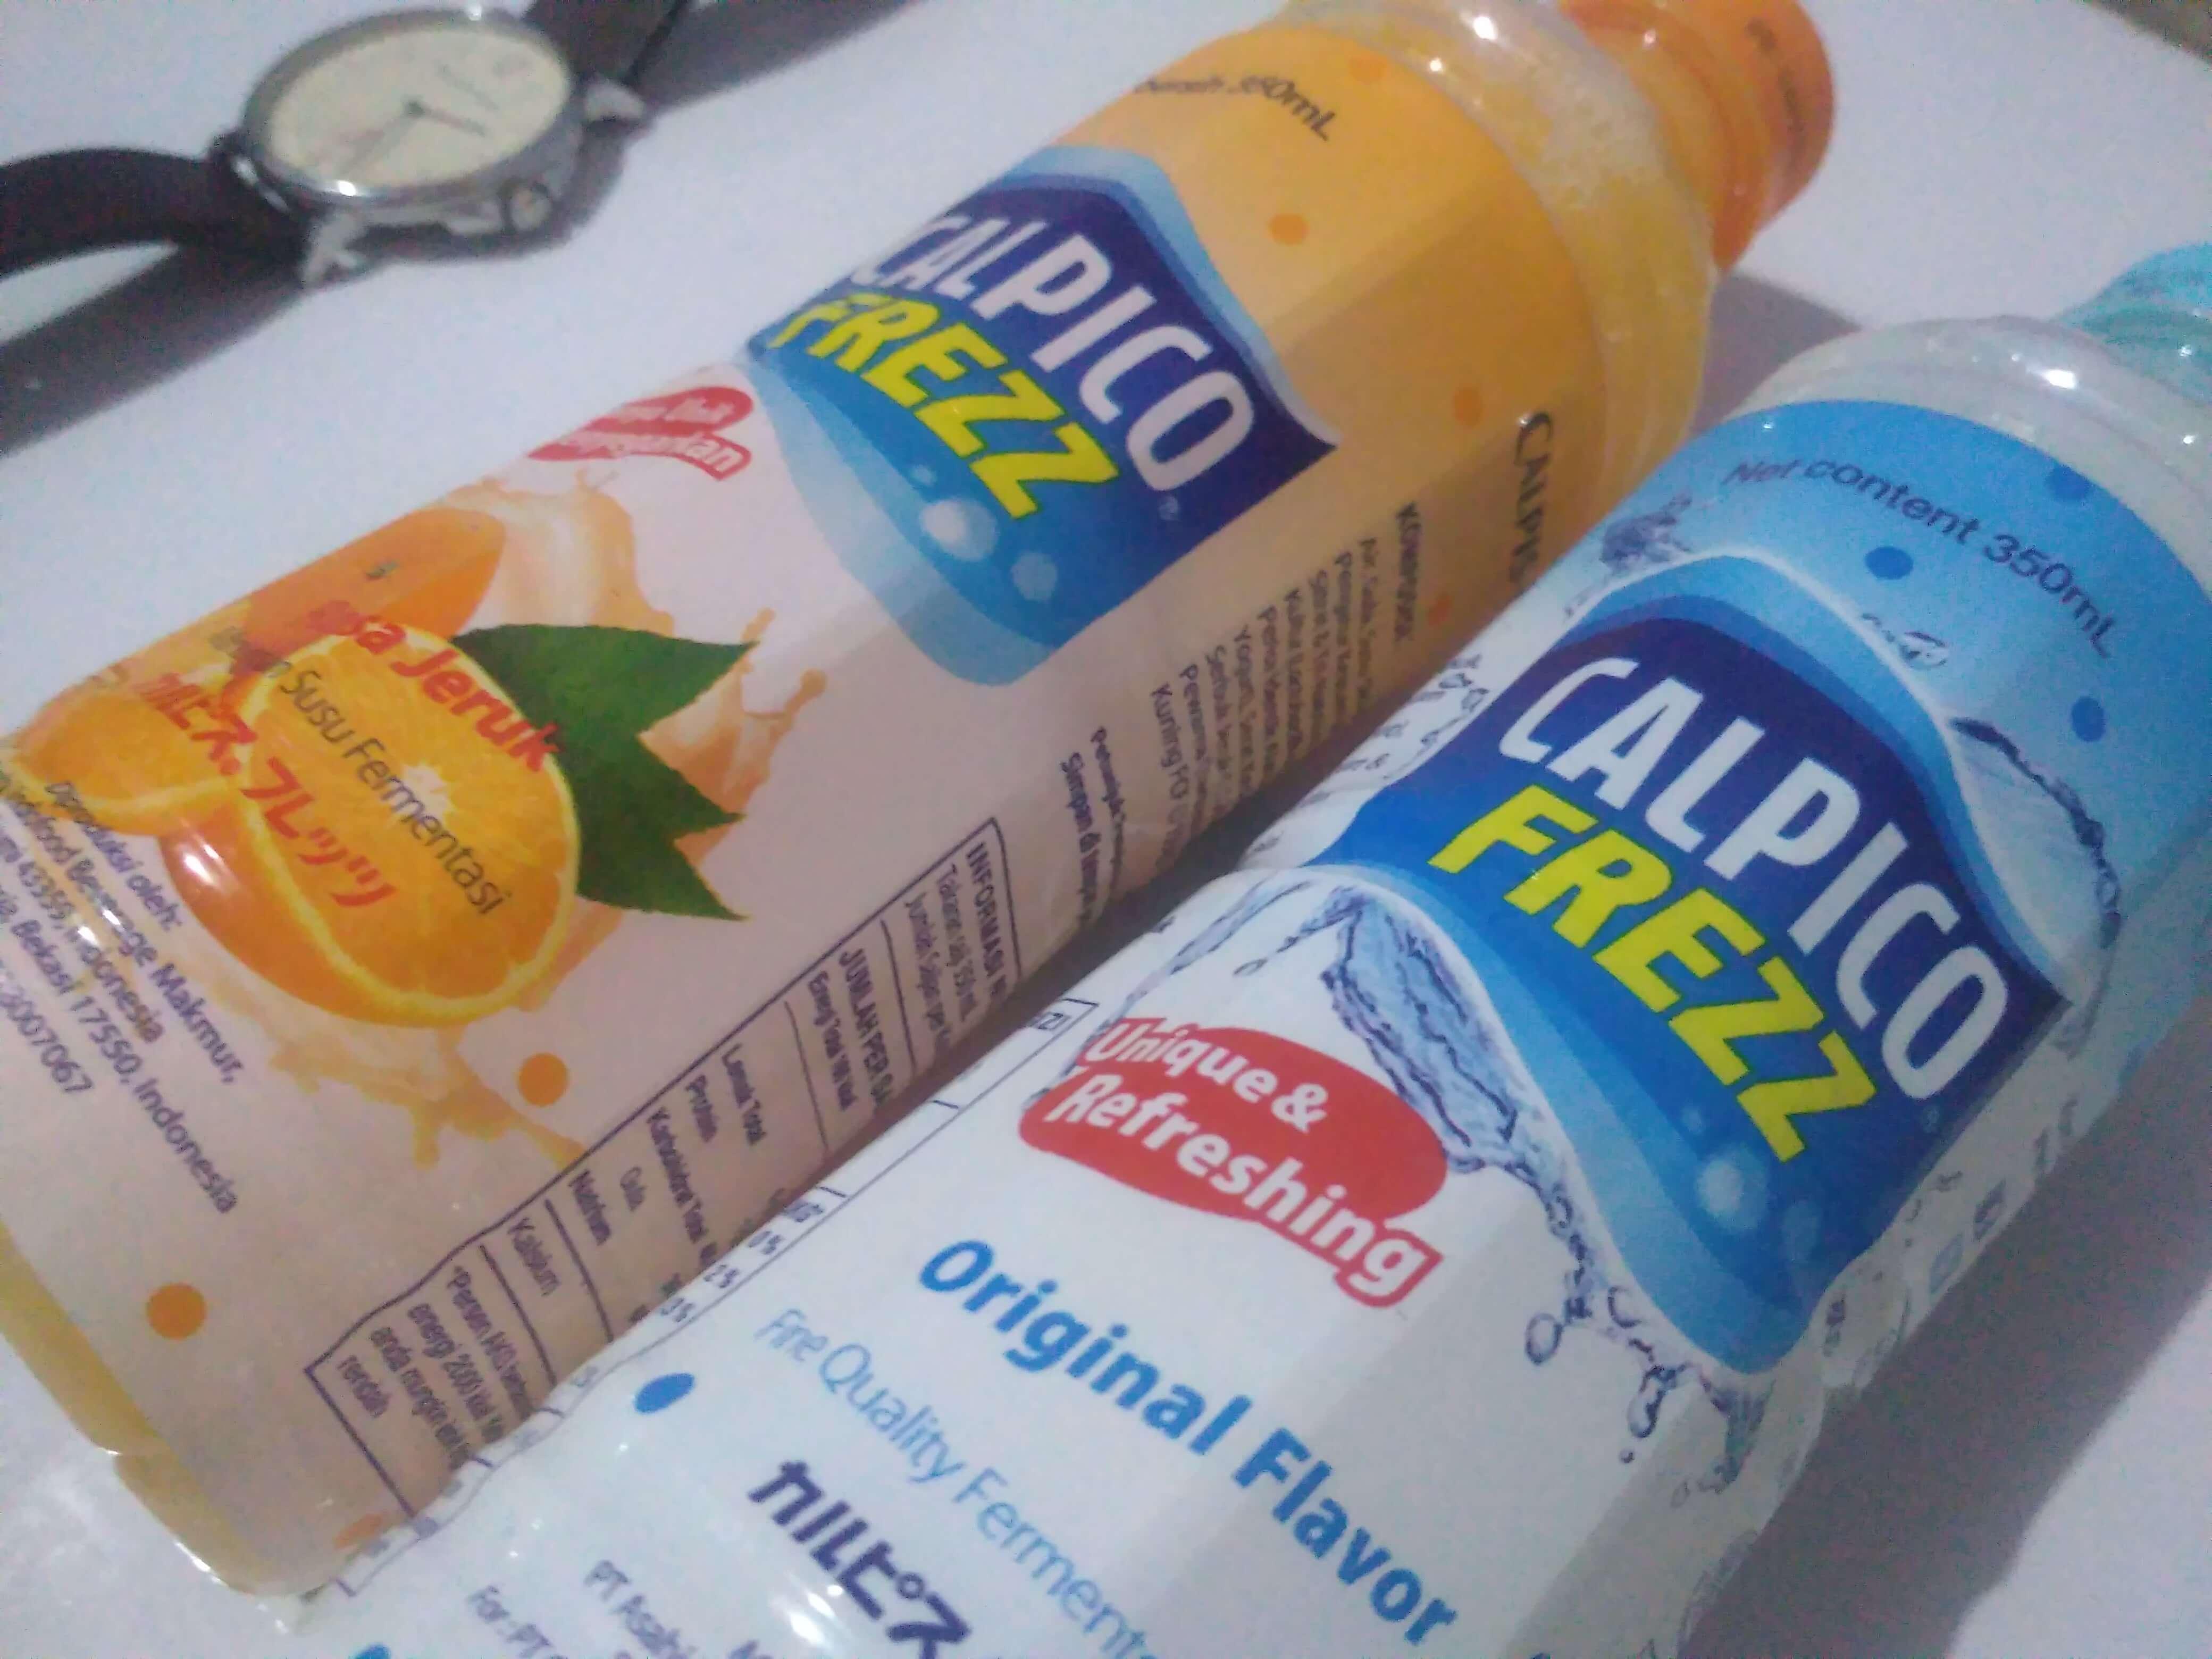 Calpico, Minuman Susu Fermentasi dengan Rasa Unik Menyegarkan